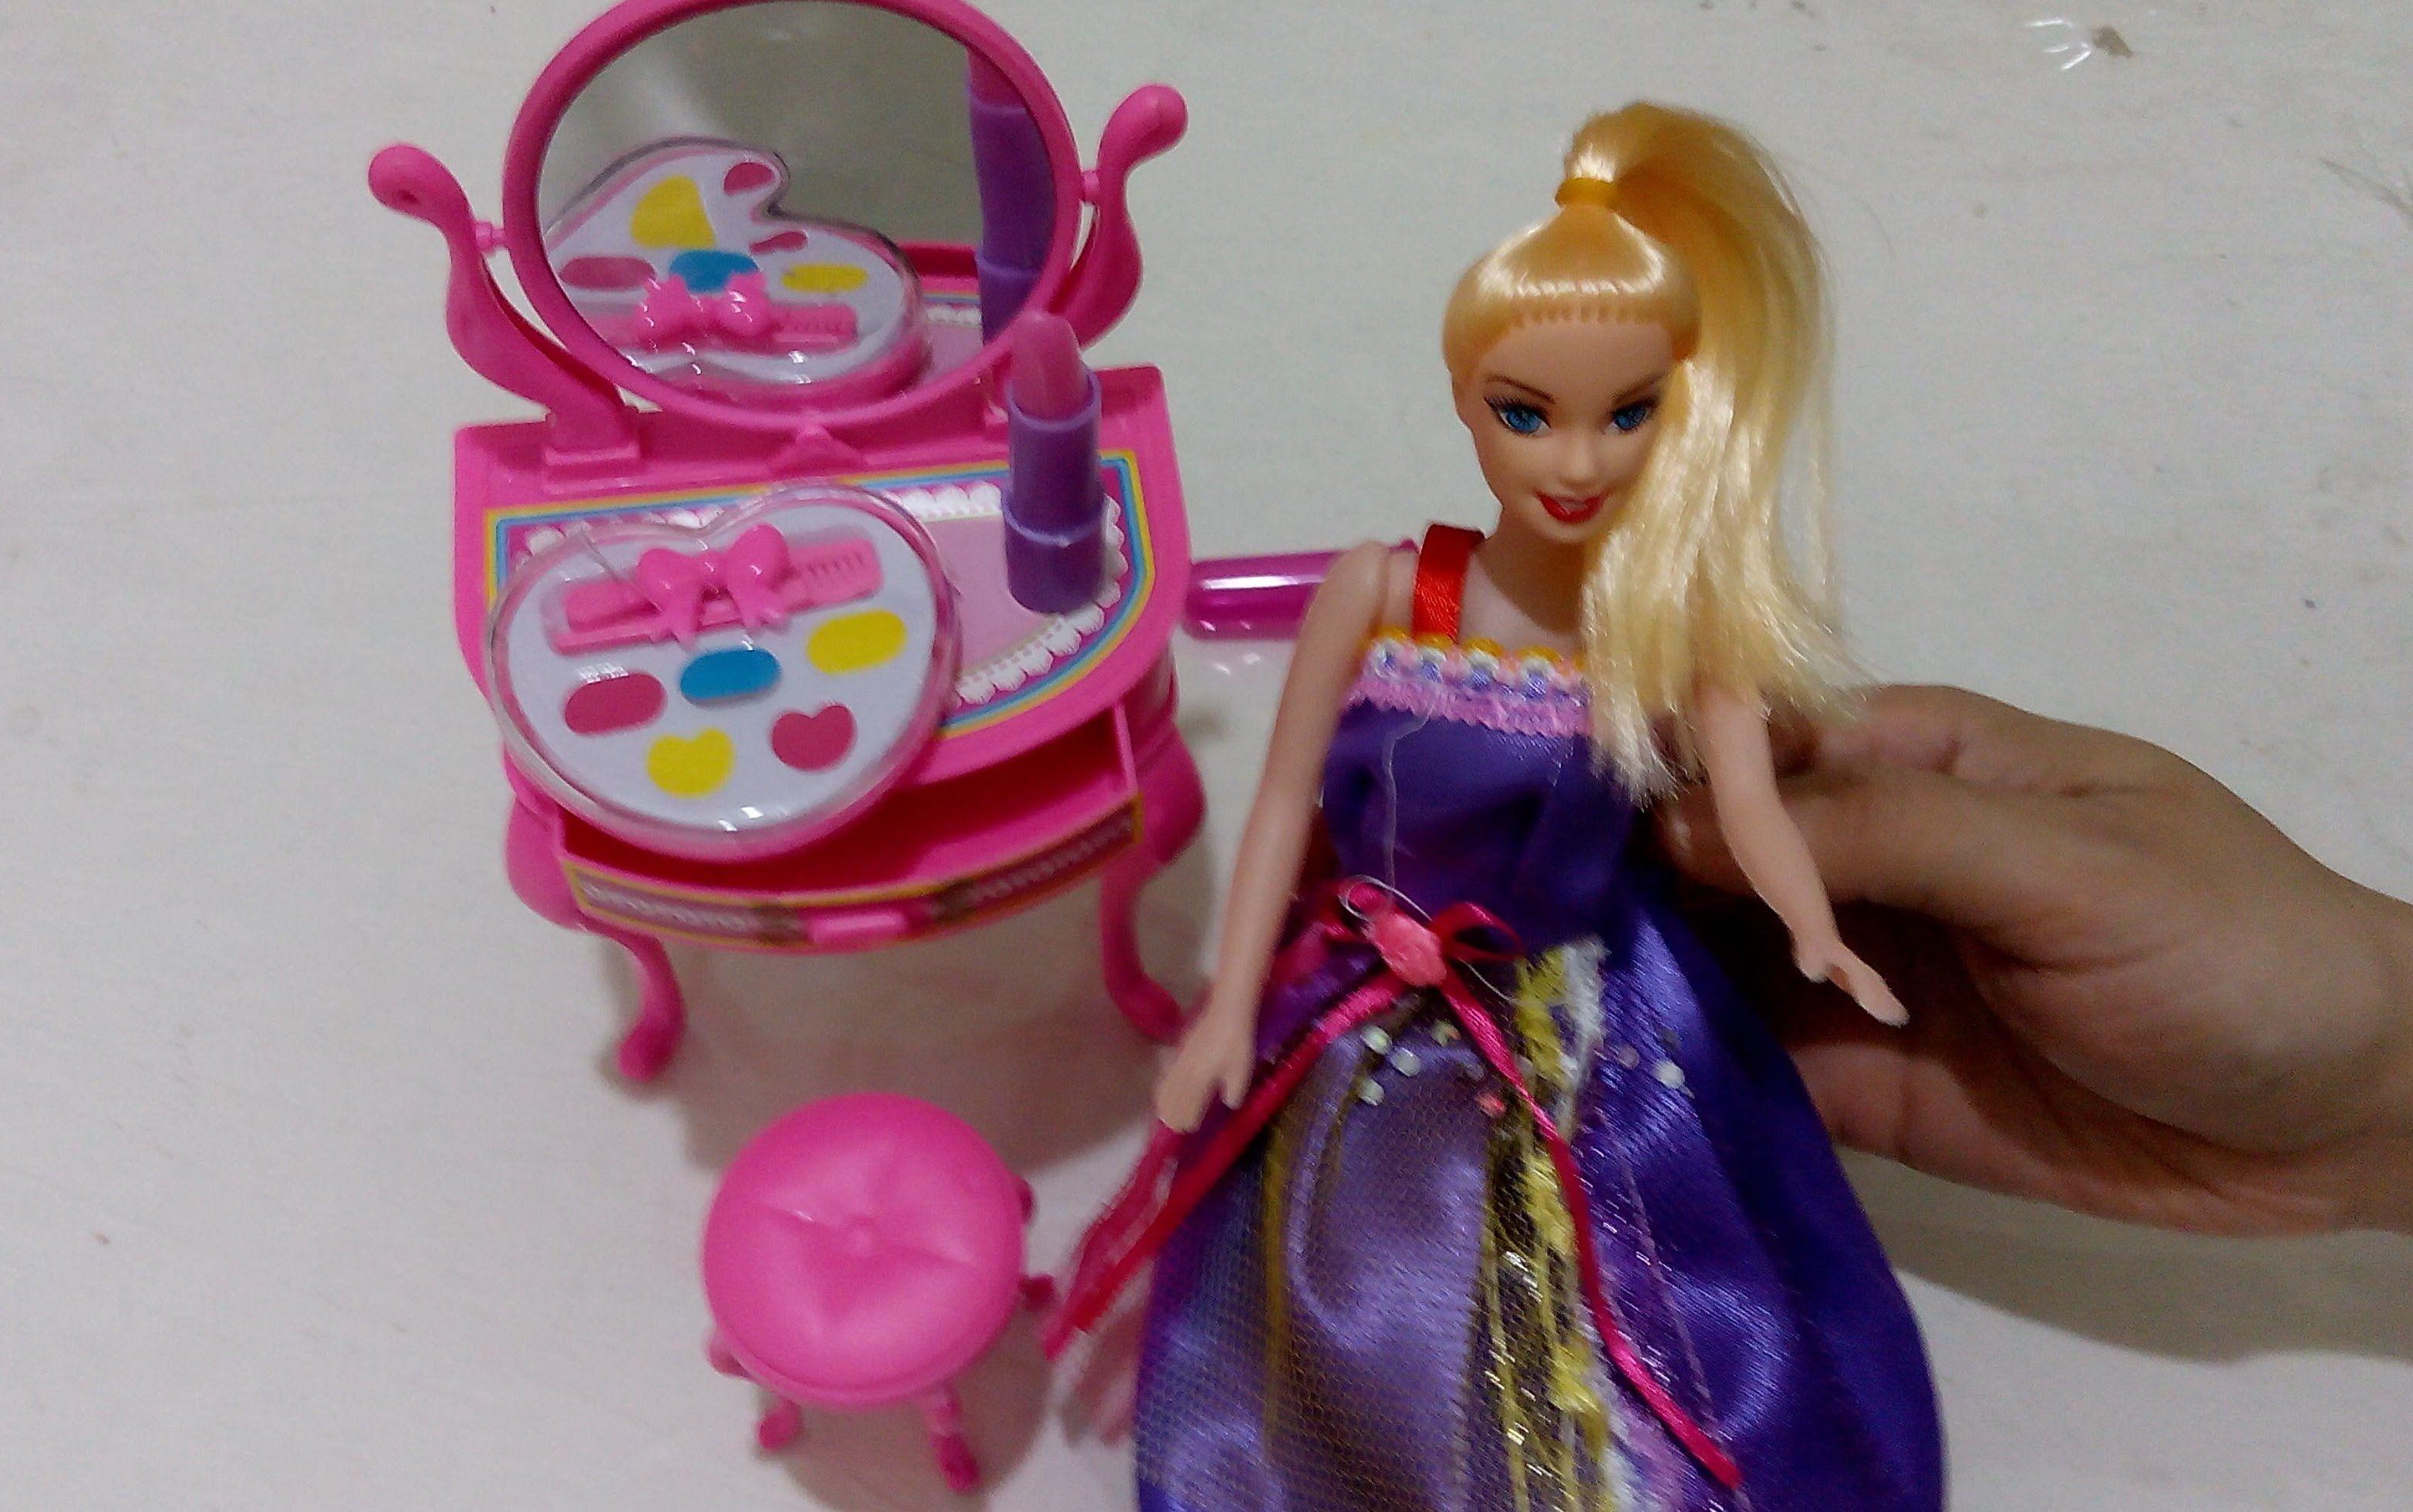 لعبة العروسة و أغراضها المكياج و التسريحة لعبة المكياج العاب بنات Lunch Box